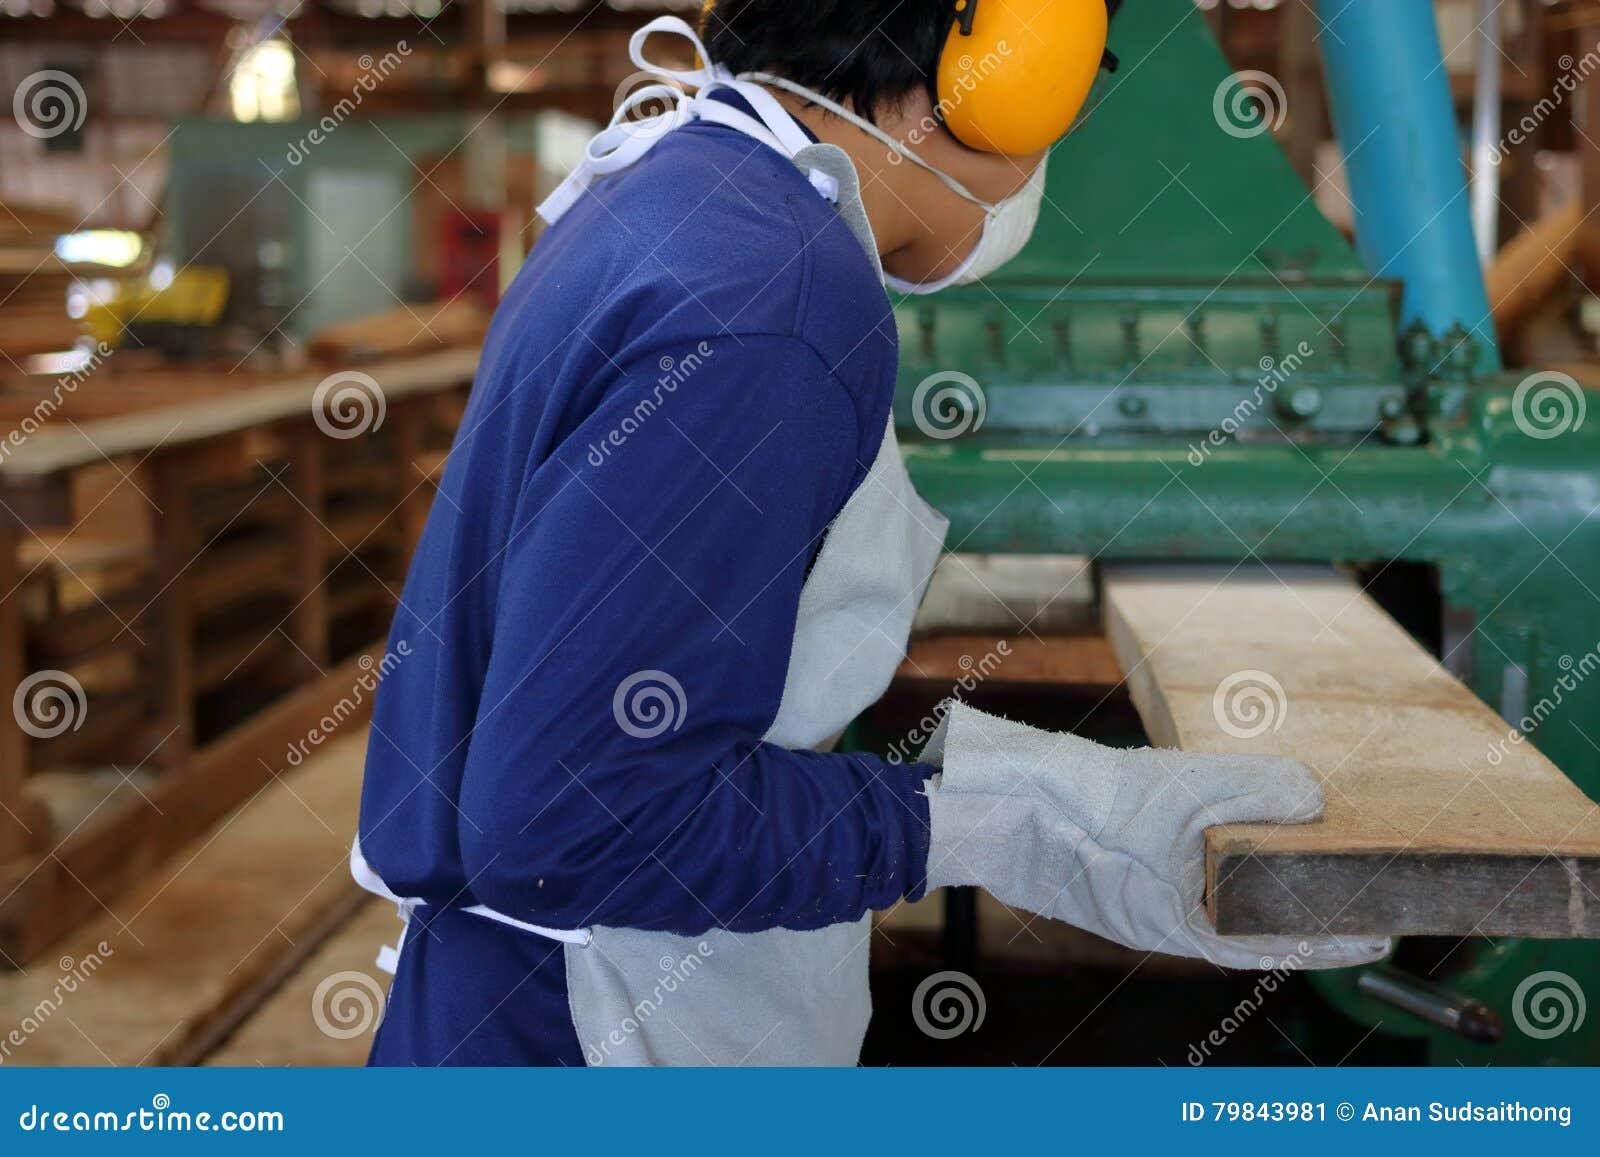 Le travailleur travaille avec le plan de la machine en bois Il utilise le dispositif de protection dans l usine blanc d isolement